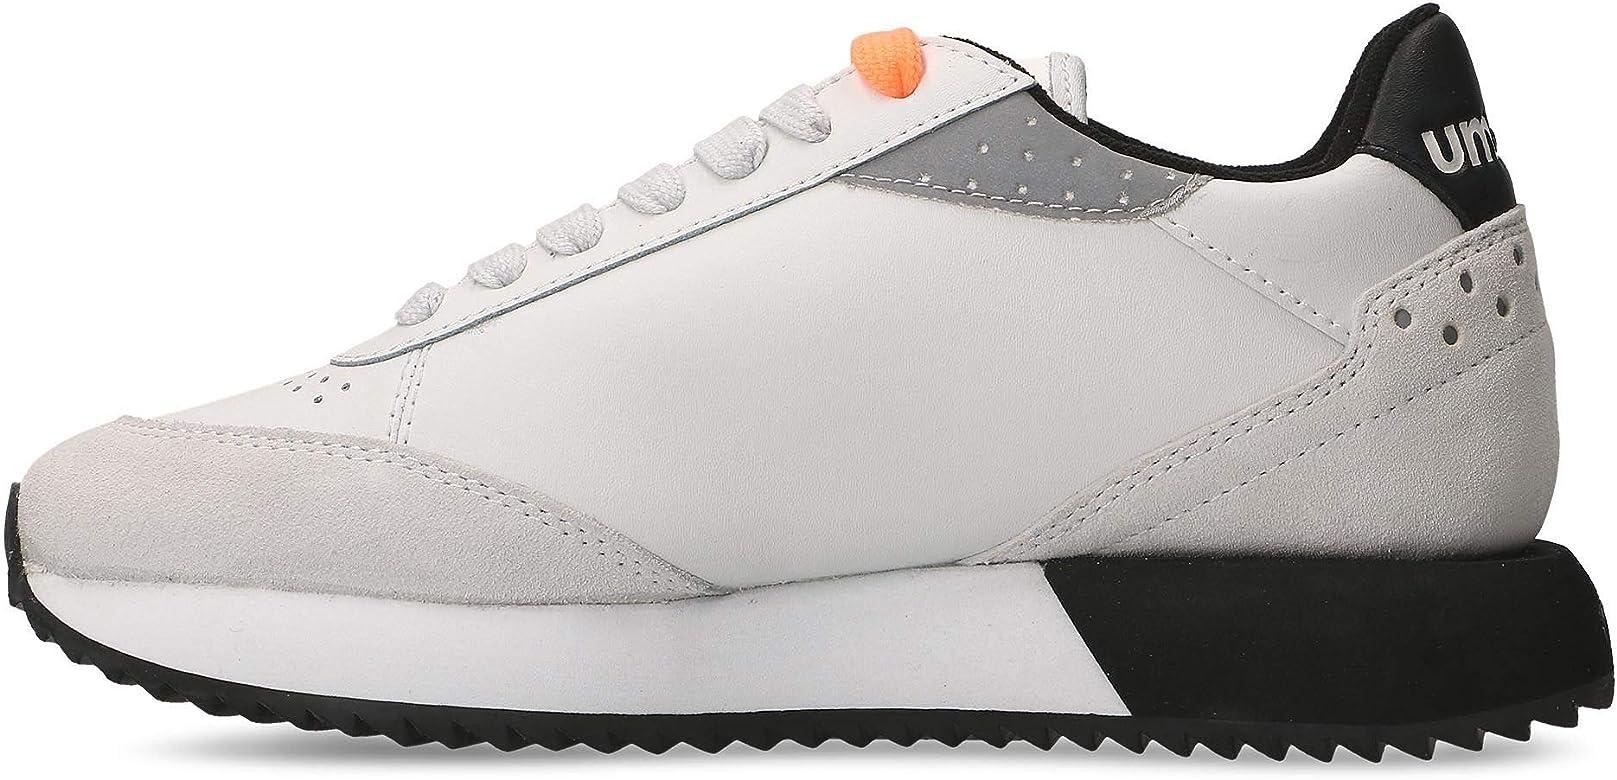 Luxury Fashion | Umbro Mujer U181906BNWHITE Blanco Zapatillas | Temporada Outlet: Amazon.es: Zapatos y complementos